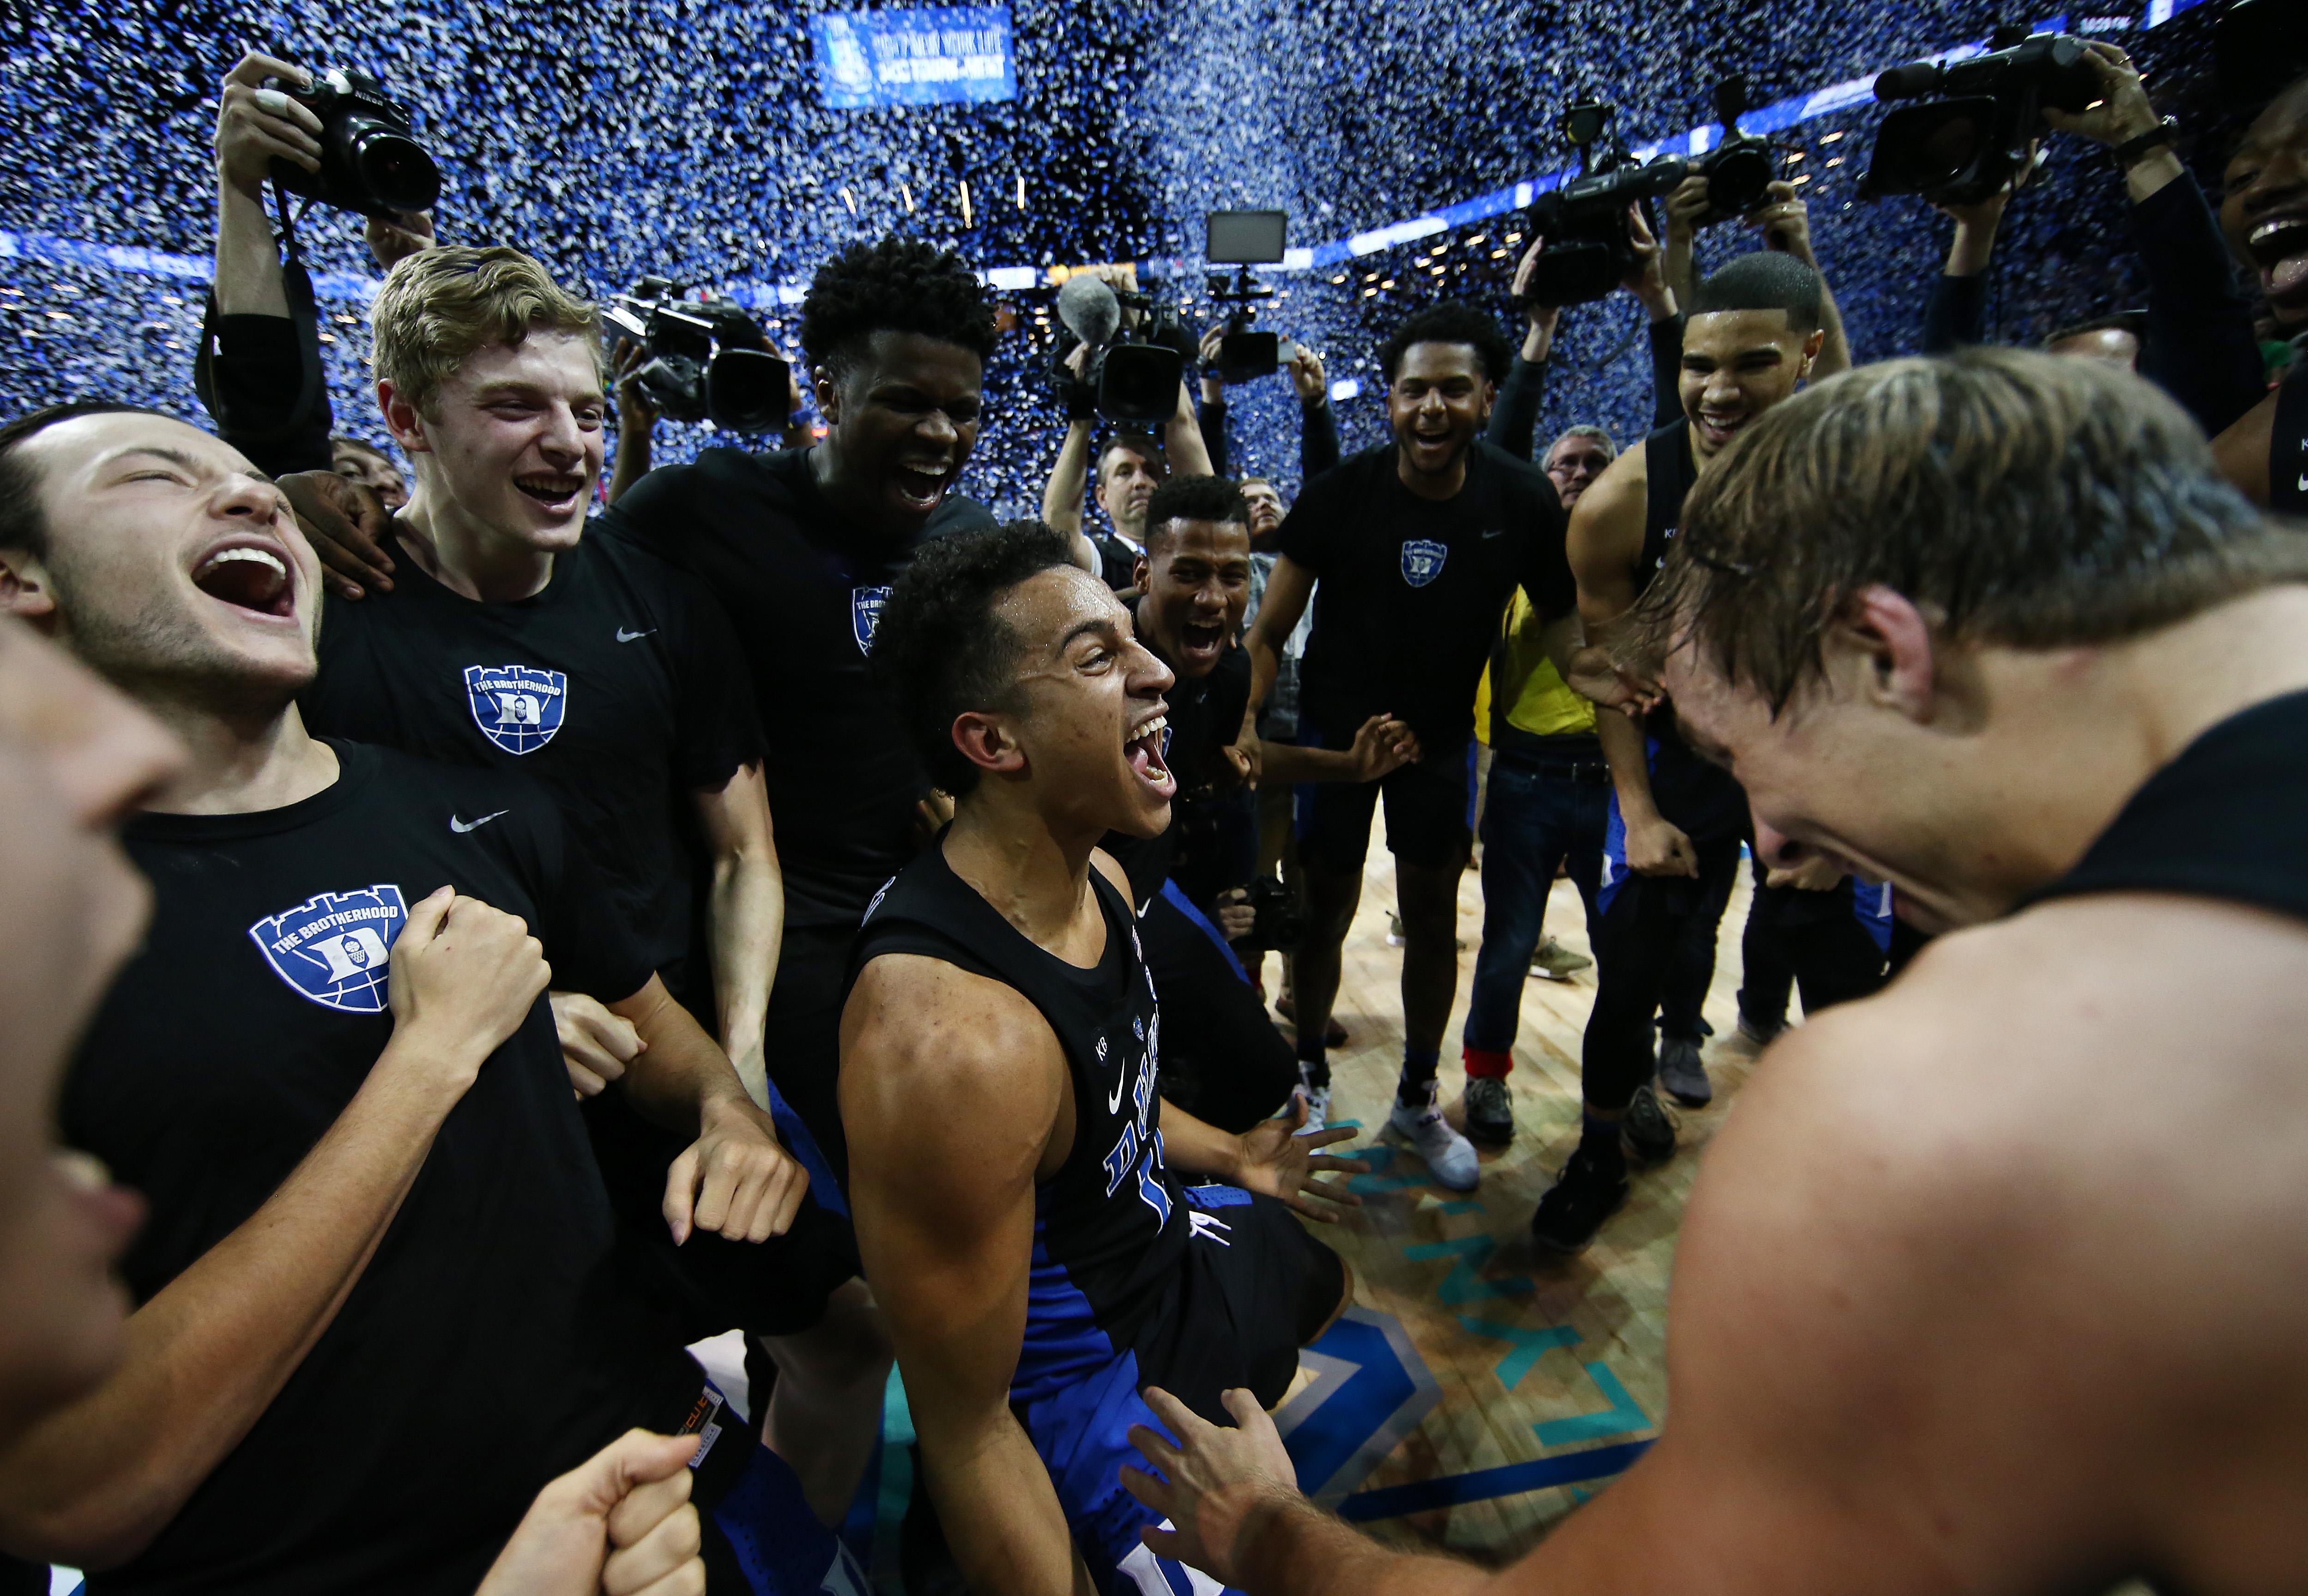 Kentucky Wildcats Basketball 2017 18 Season Preview: Duke Basketball: 2017-18 Season Preview For The Top Team